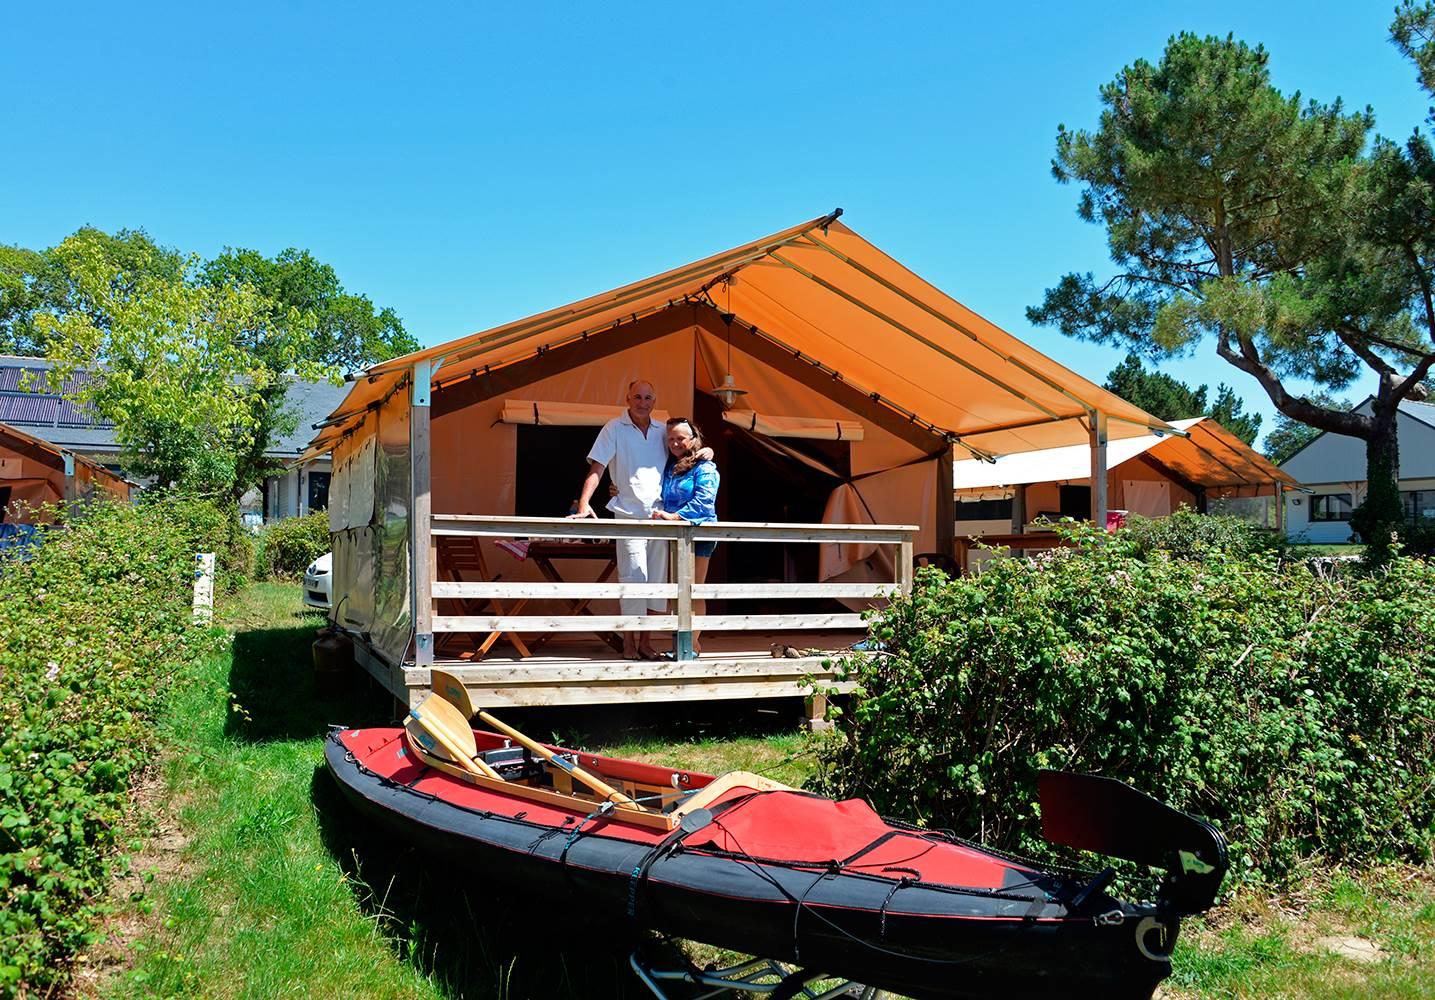 Vacances en tente Lodge et canoé kayak ©